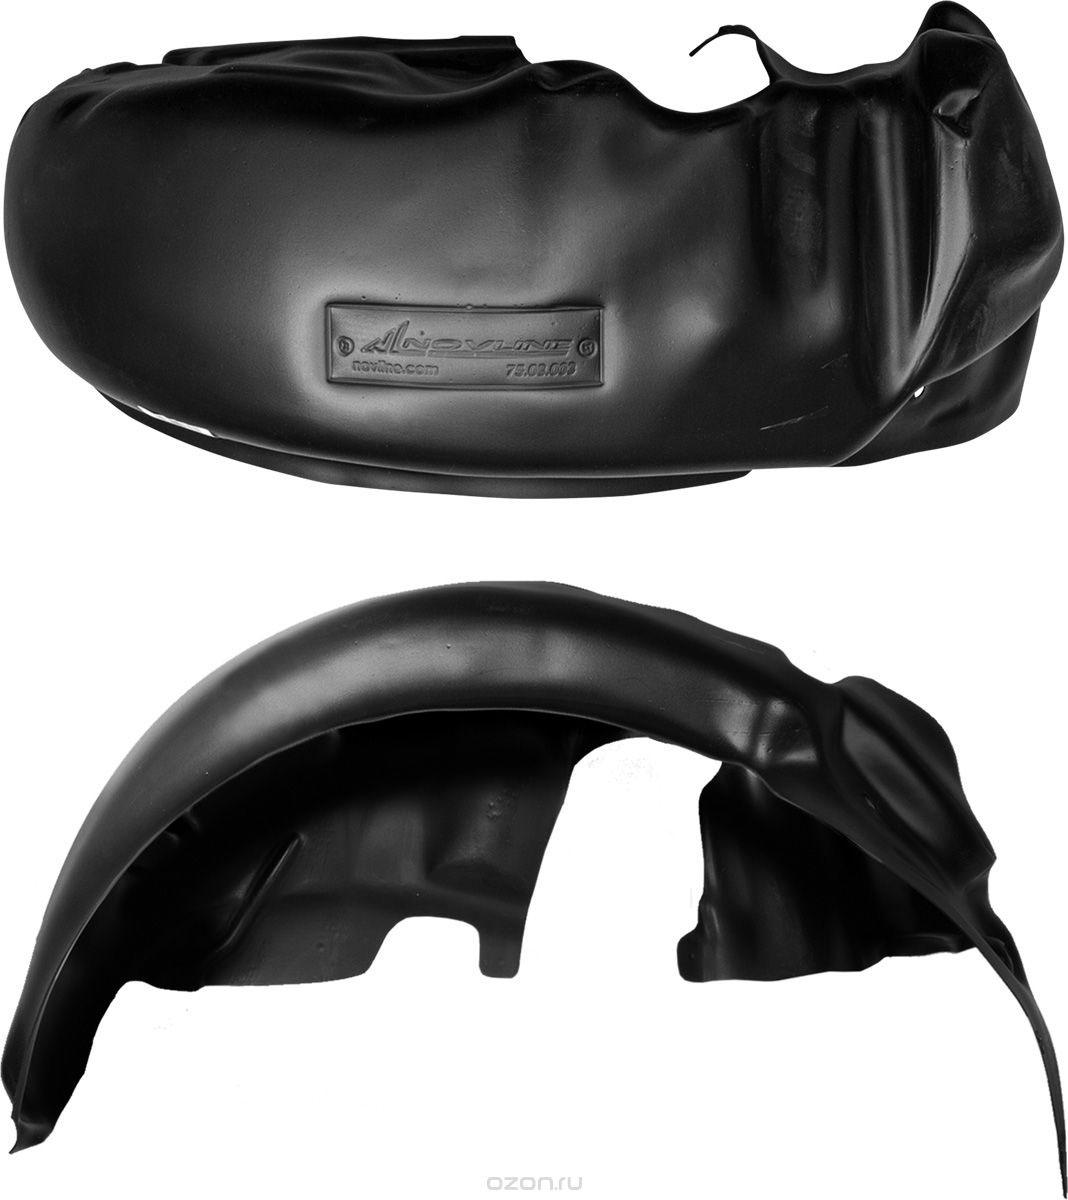 Подкрылок Novline-Autofamily, для НИВА 04/1997->, передний правый000414Идеальная защита колесной ниши. Локеры разработаны с применением цифровых технологий, гарантируют максимальную повторяемость поверхности арки. Изделия устанавливаются без нарушения лакокрасочного покрытия автомобиля, каждый подкрылок комплектуется крепежом. Уважаемые клиенты, обращаем ваше внимание, что фотографии на подкрылки универсальные и не отражают реальную форму изделия. При этом само изделие идет точно под размер указанного автомобиля.